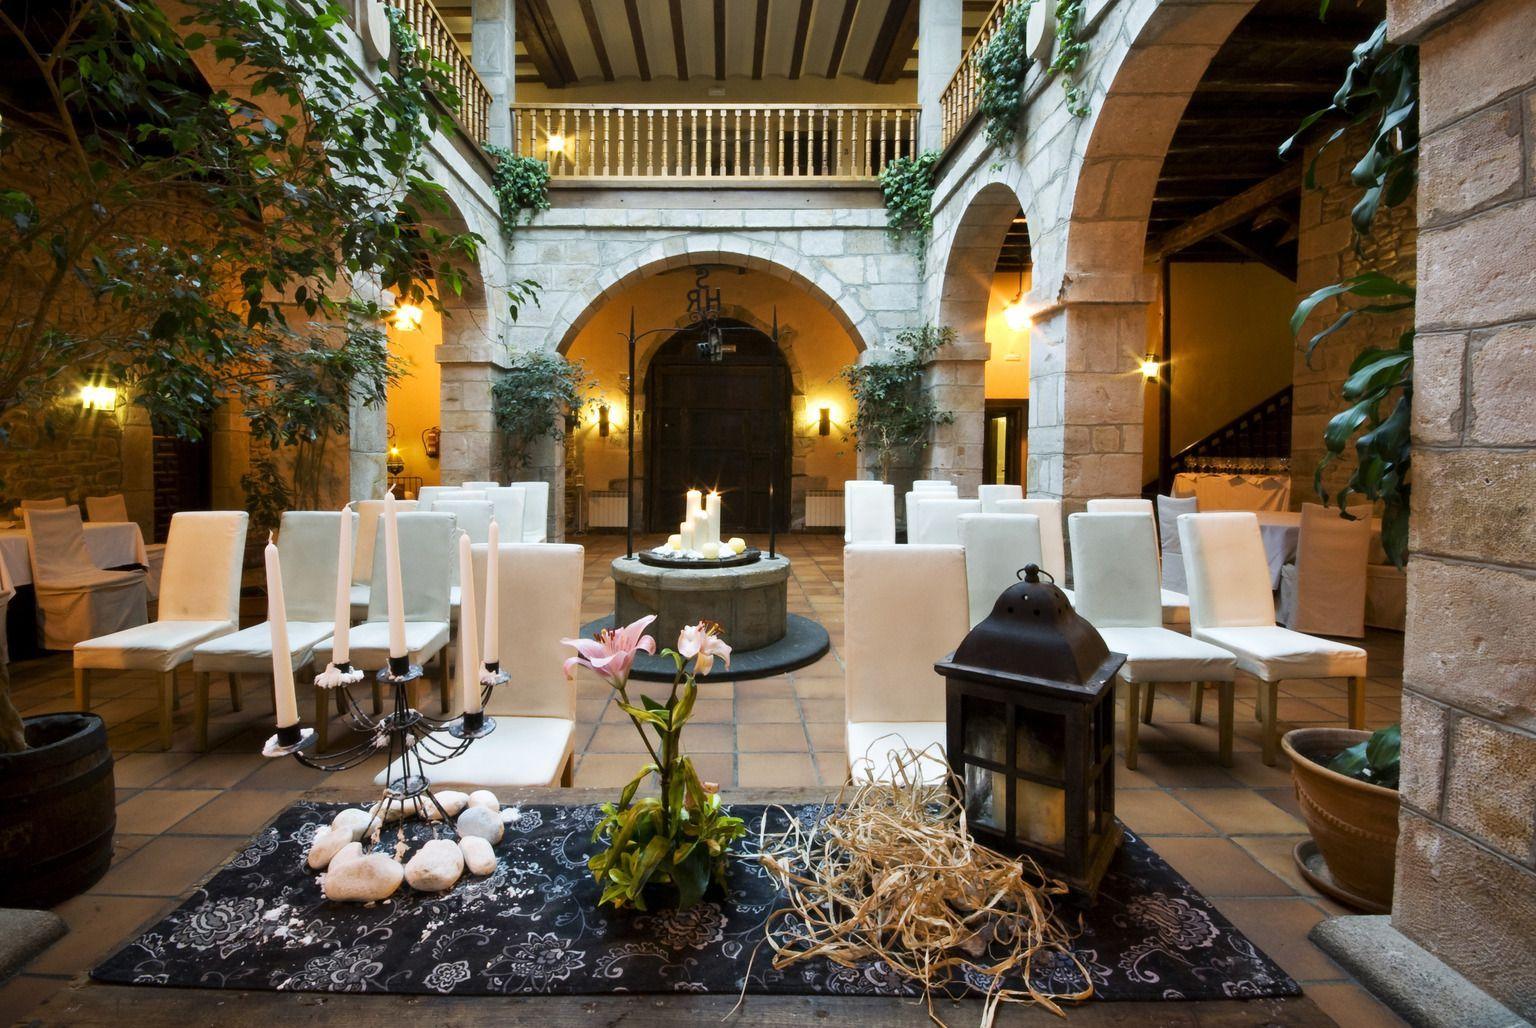 Descubre los mejores hoteles de dise o de espa a mira jerez - Hoteles de diseno espana ...